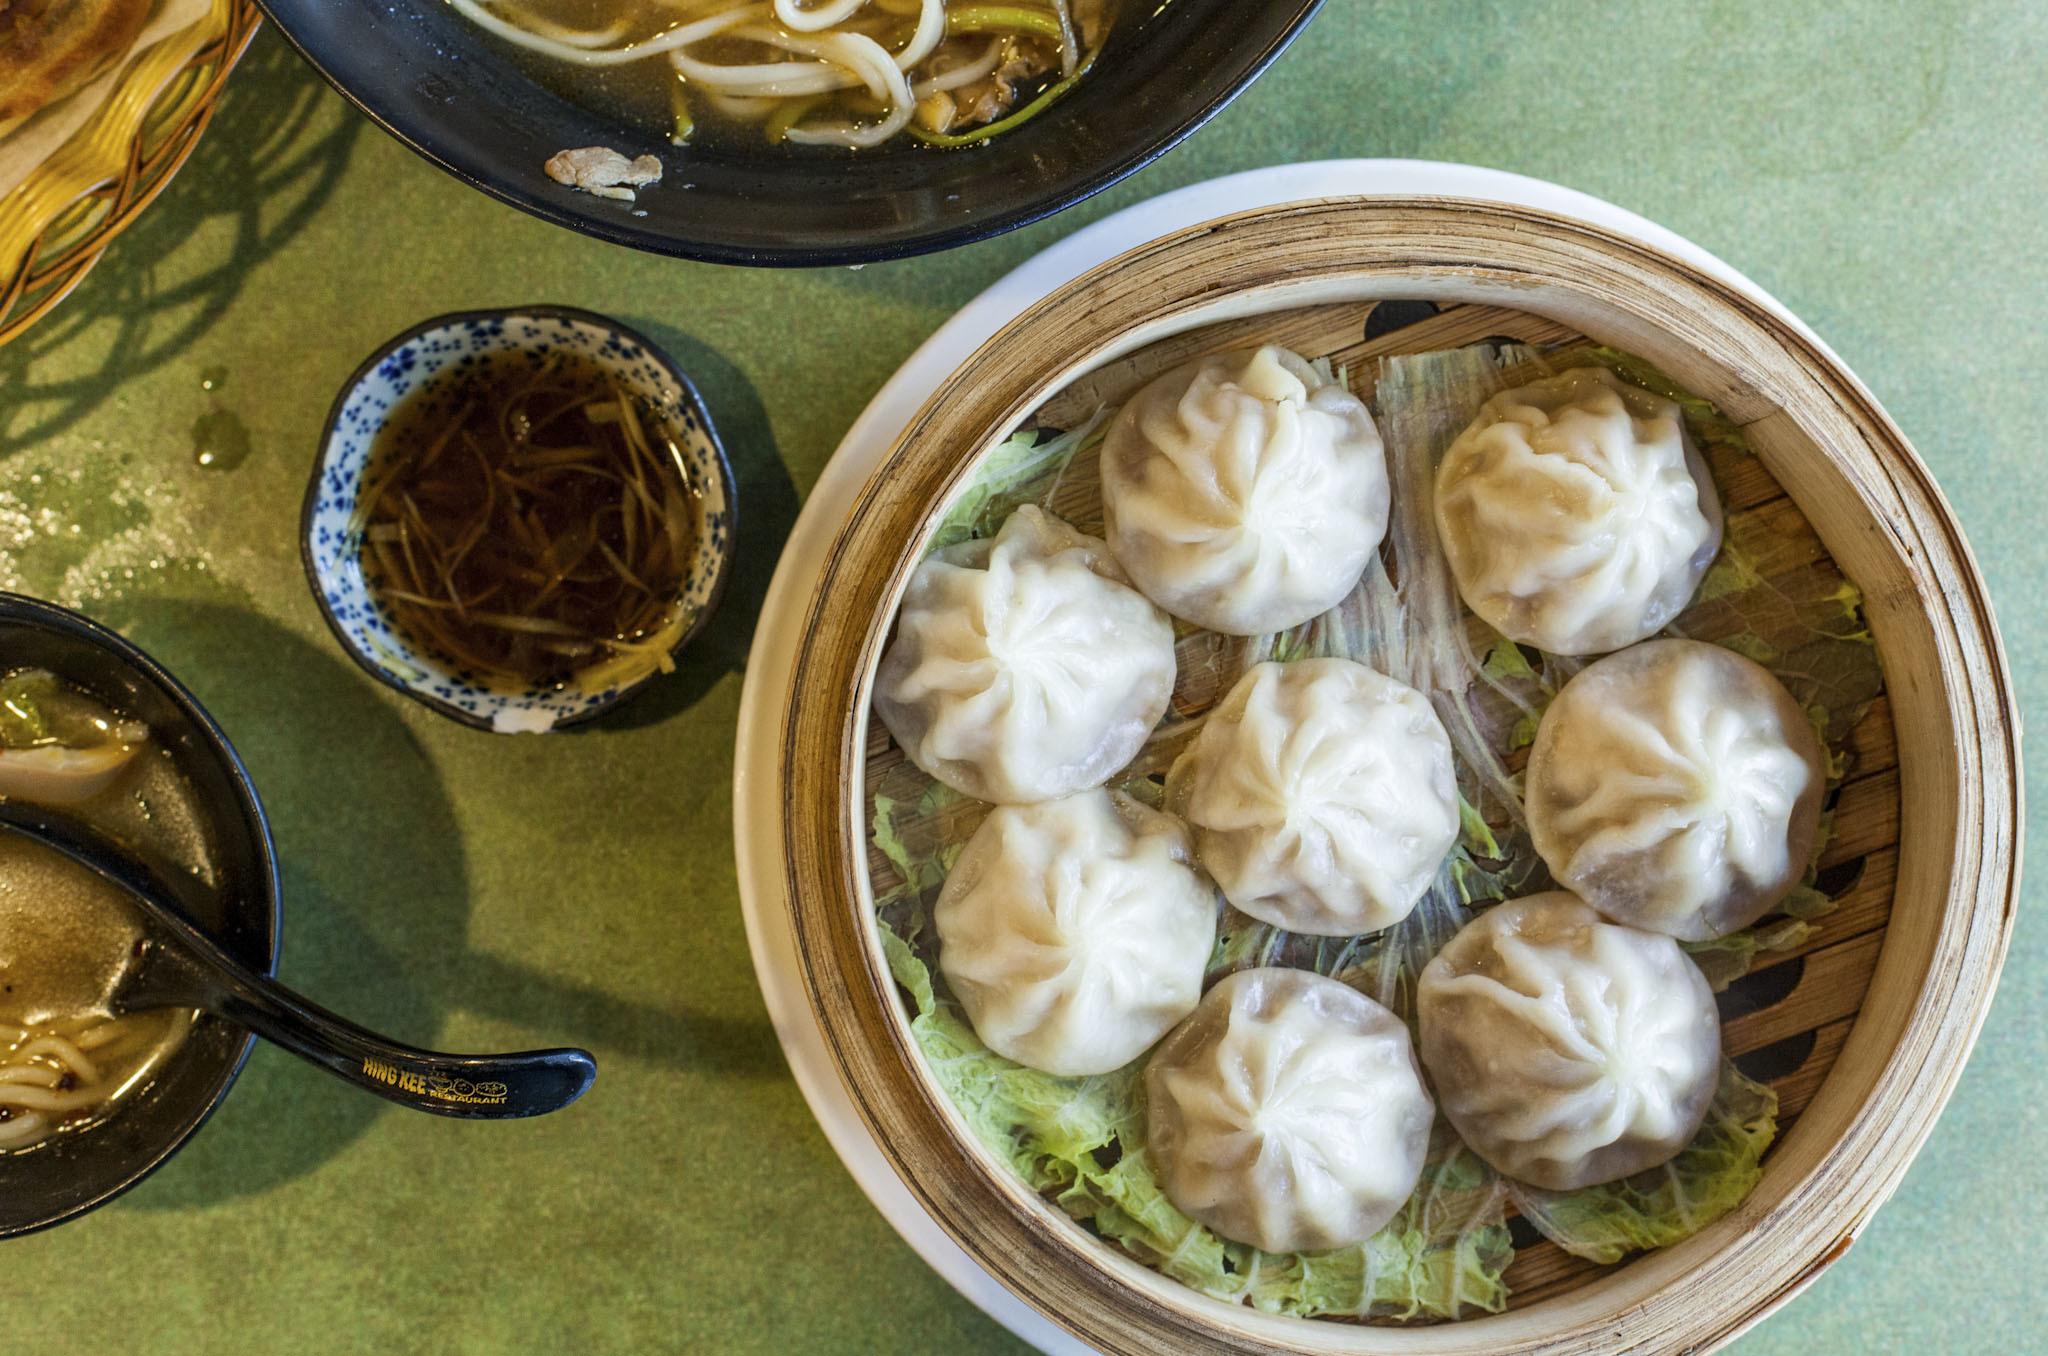 Shanghai-style soup dumplings at Hing Kee